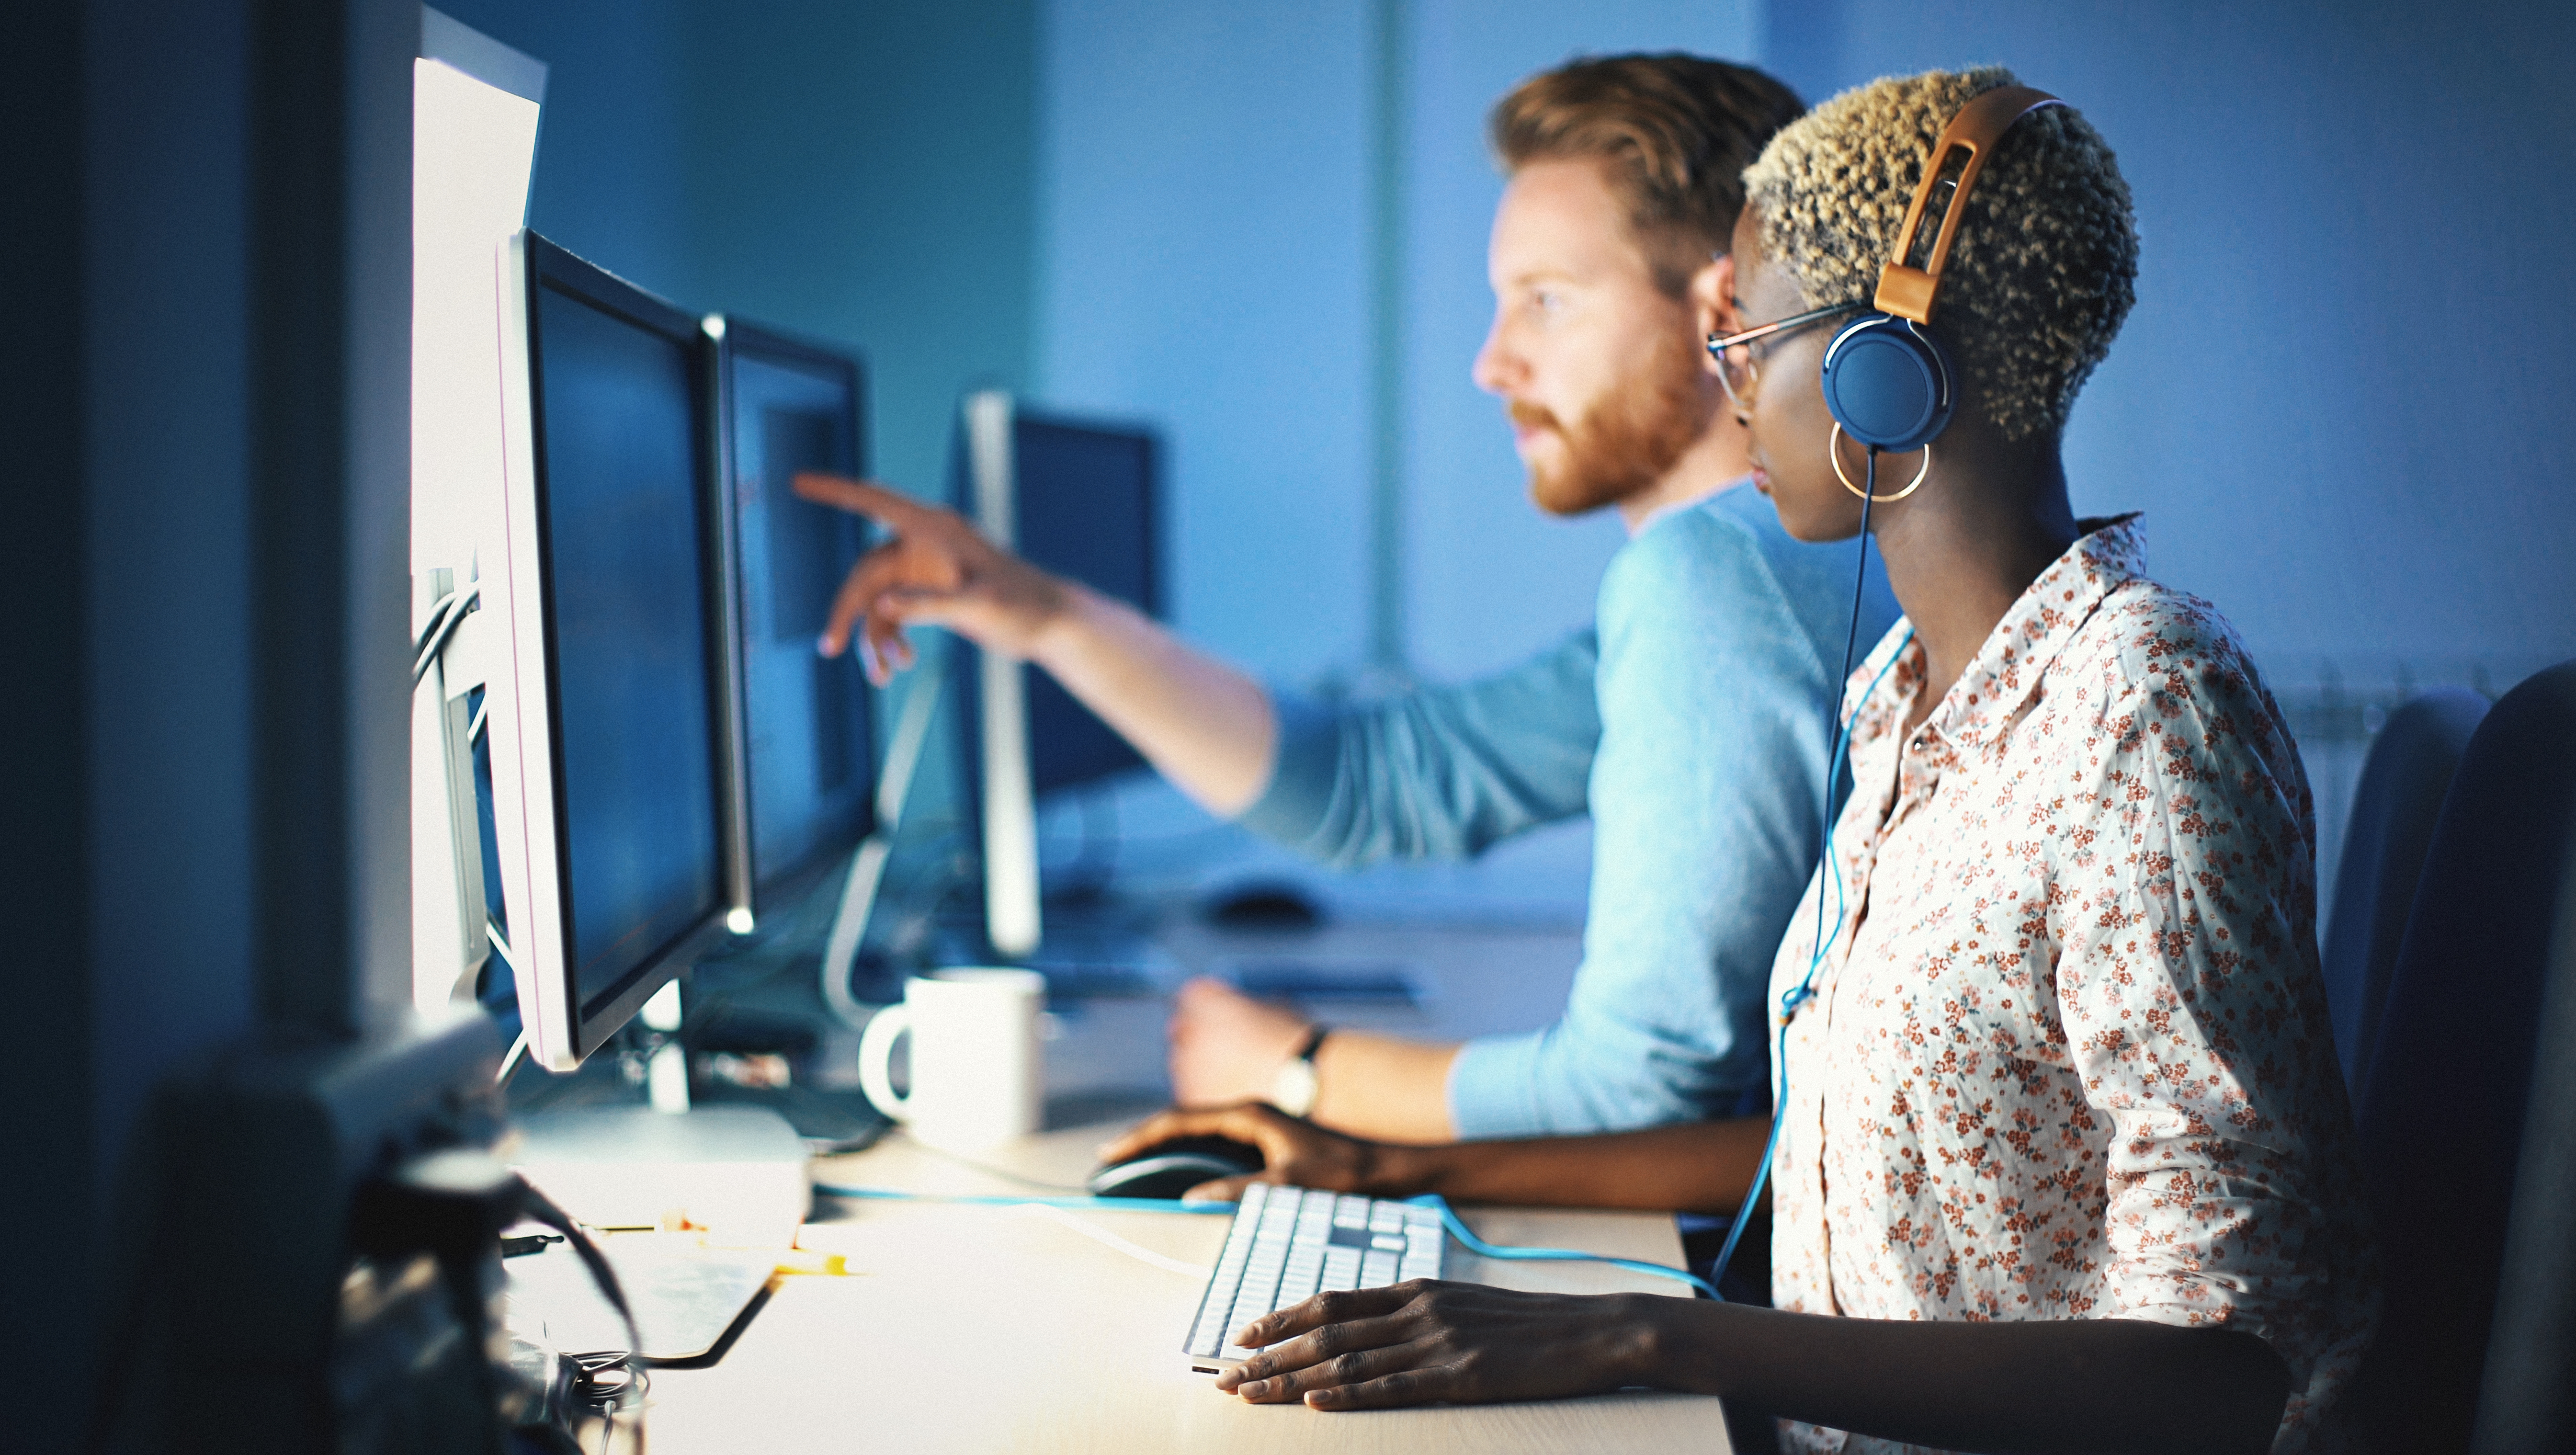 两个人坐在电脑前,看起来像是在办公.